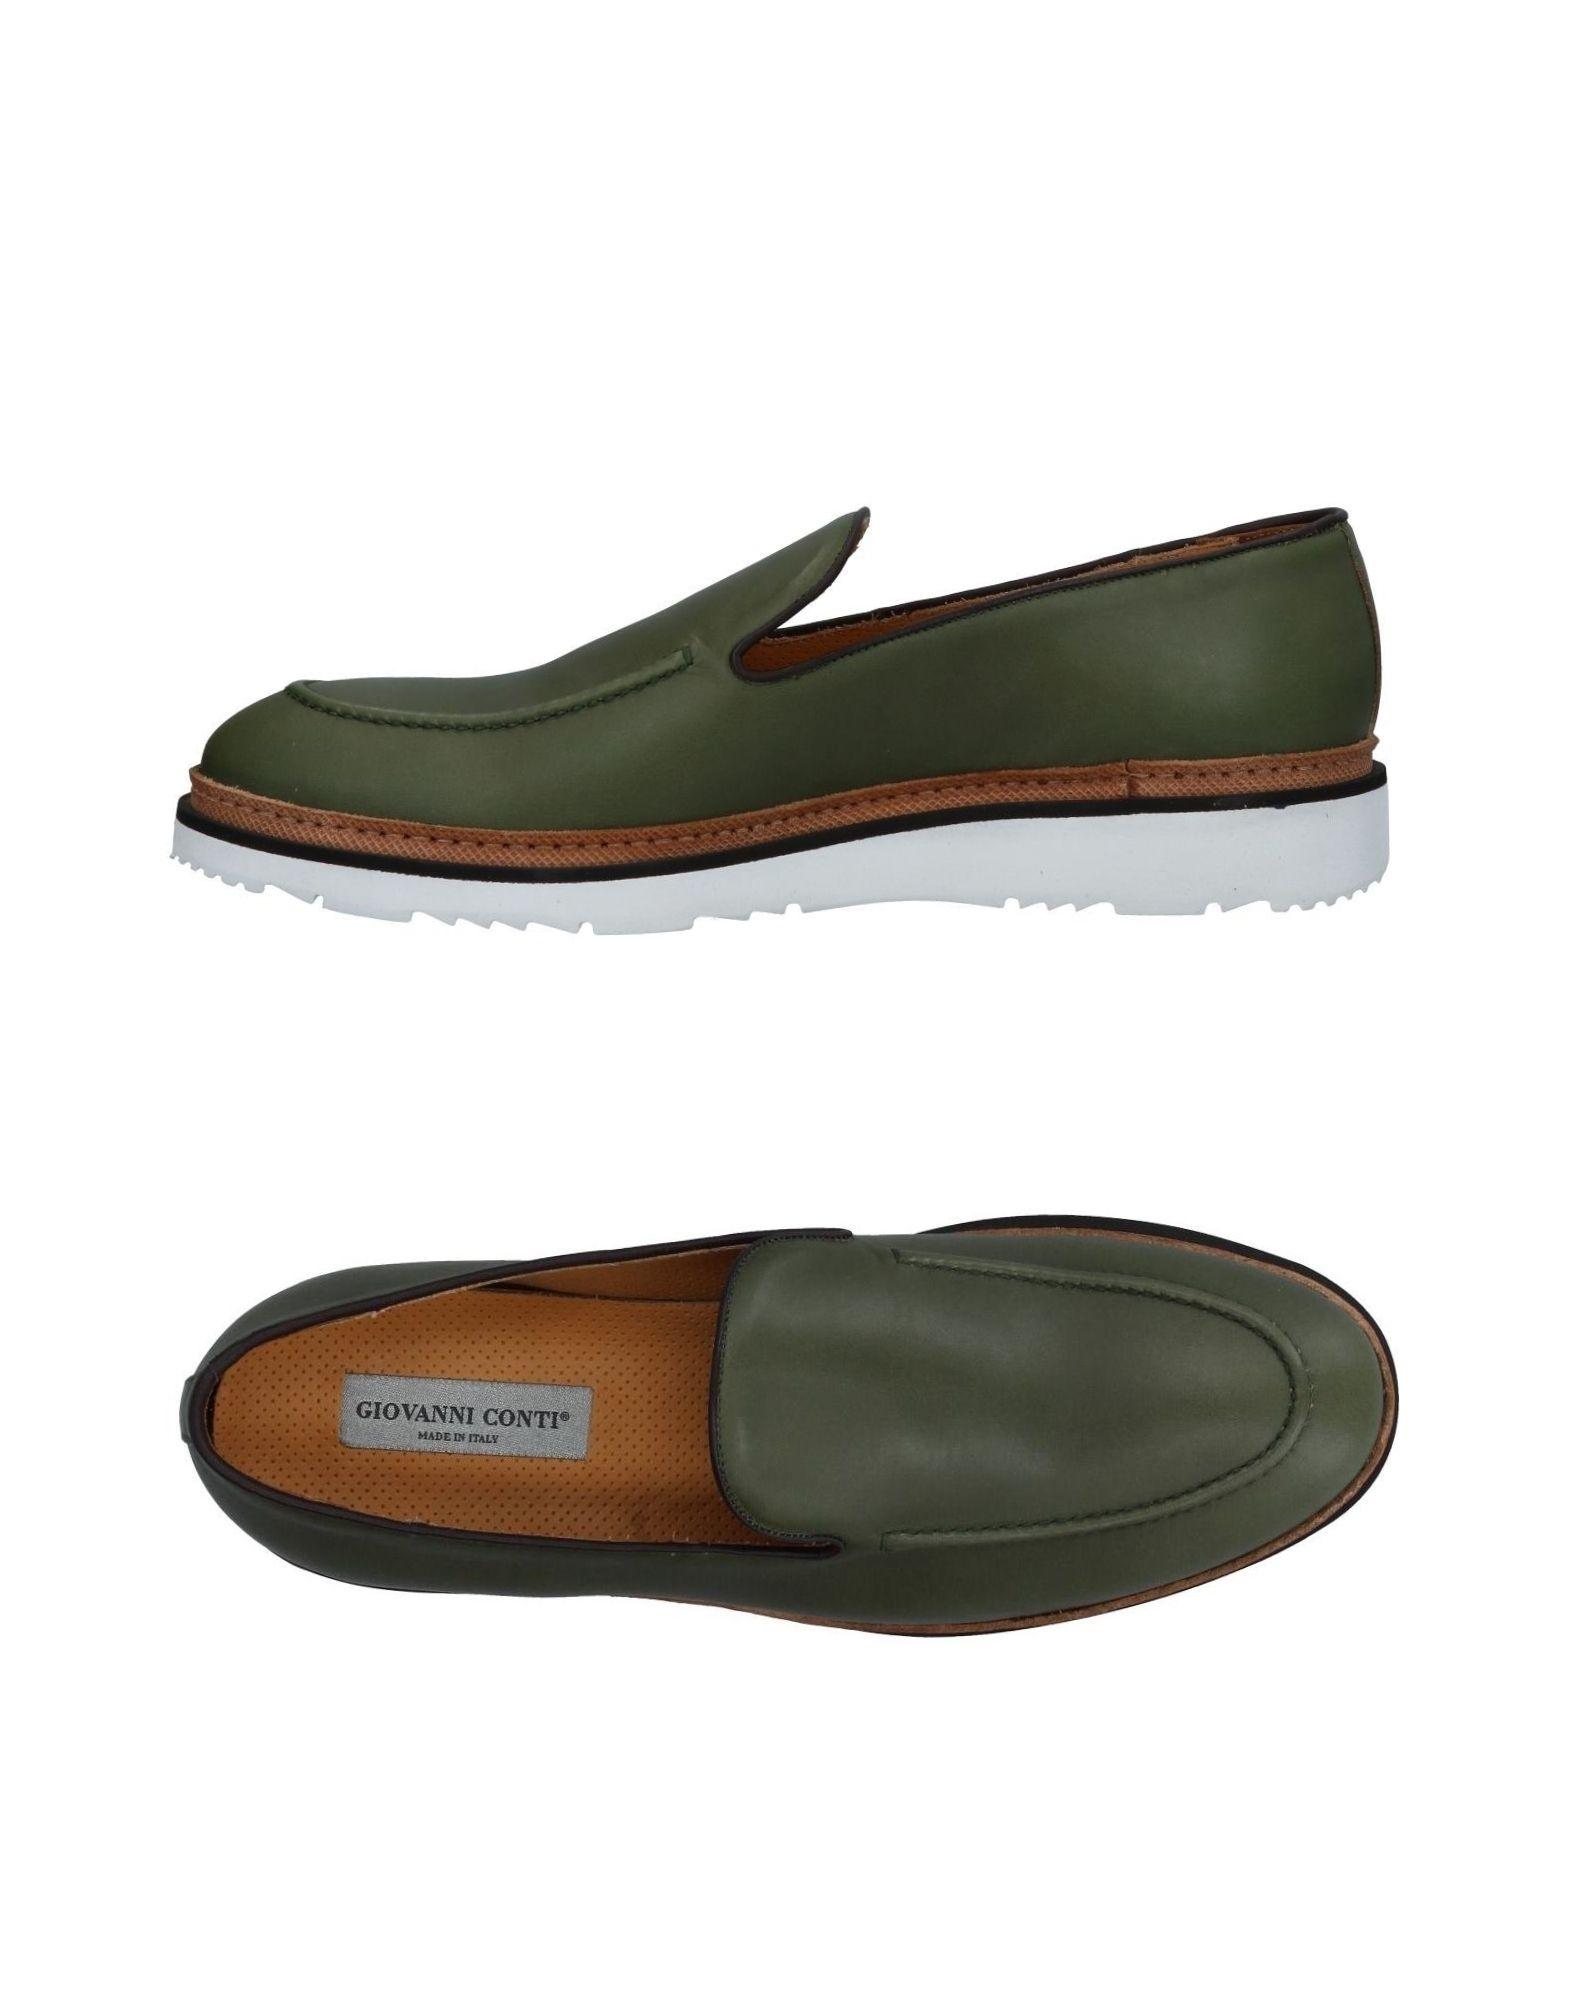 Giovanni Conti Mokassins Herren  11412903FD Gute Qualität beliebte Schuhe